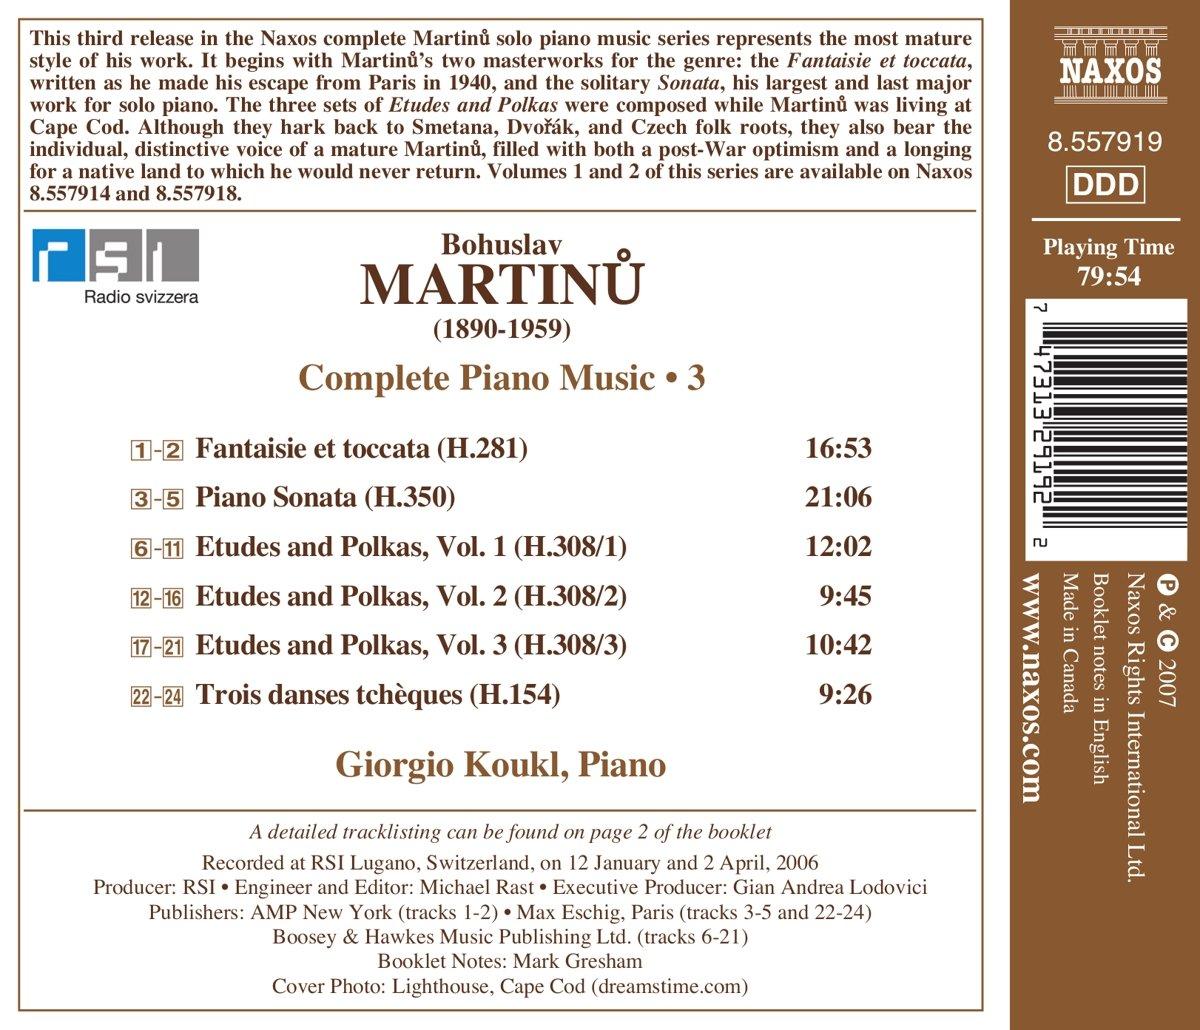 Complete Piano Music 3: Piano Sonata, Fantaisie et toccata, Etudes and Polkas